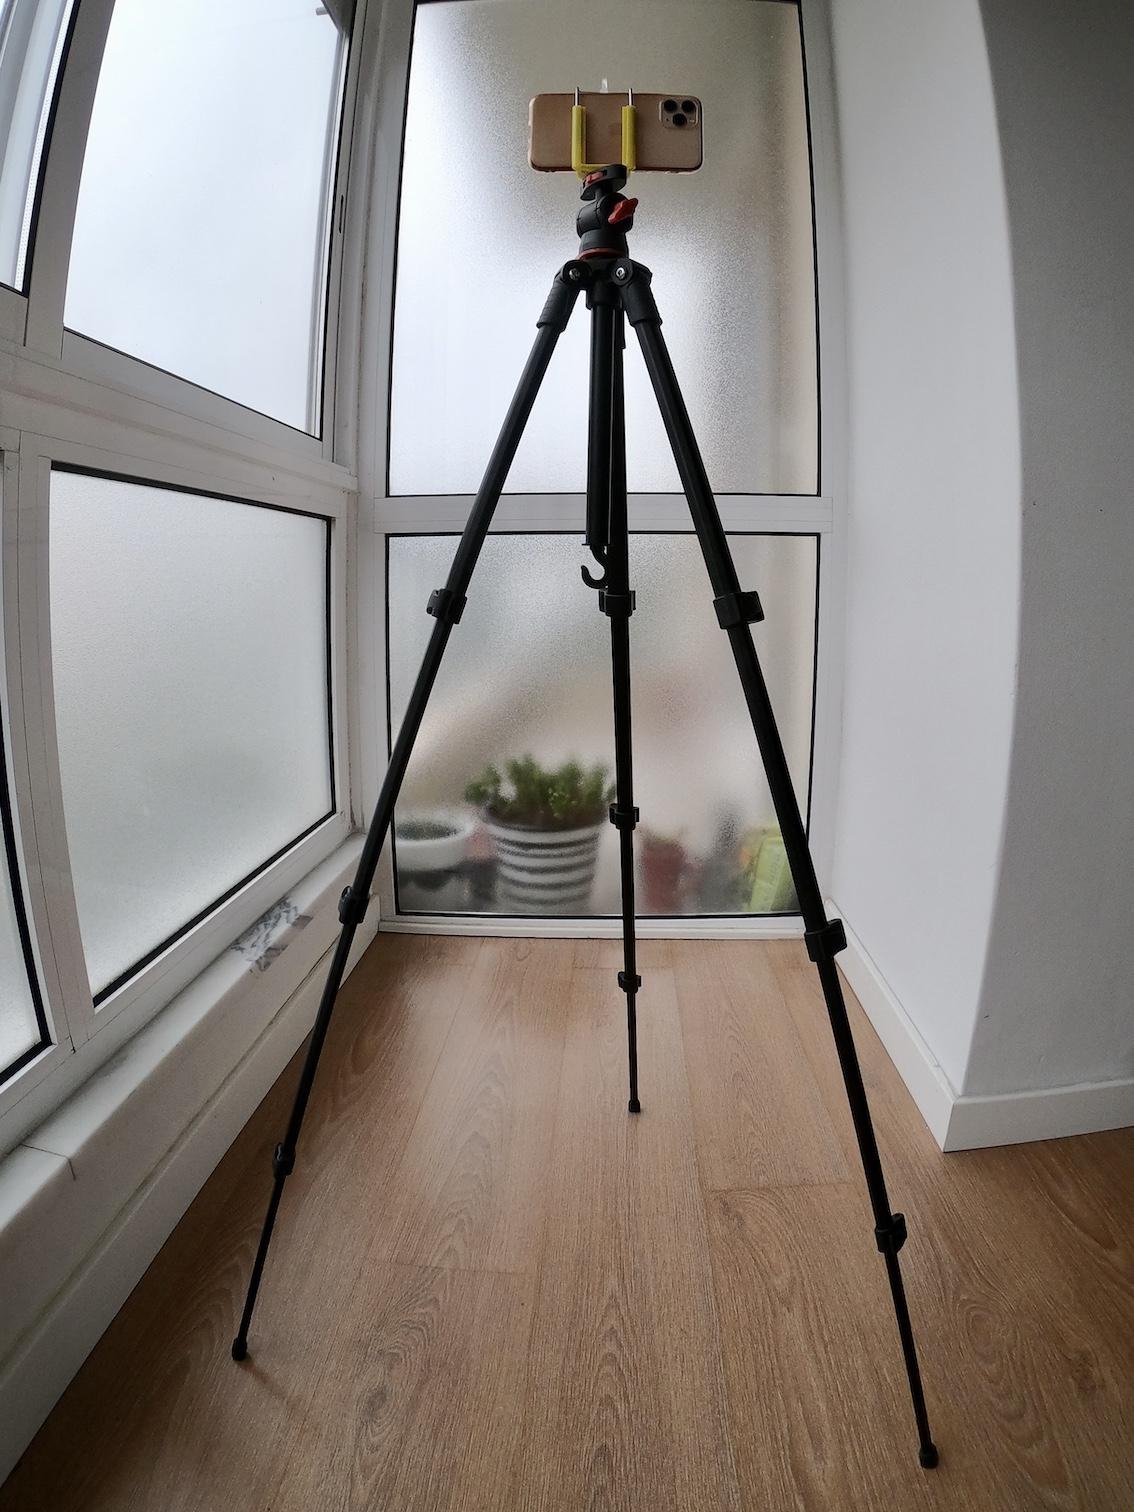 equipamentos-para-foto-sozinha-tripe